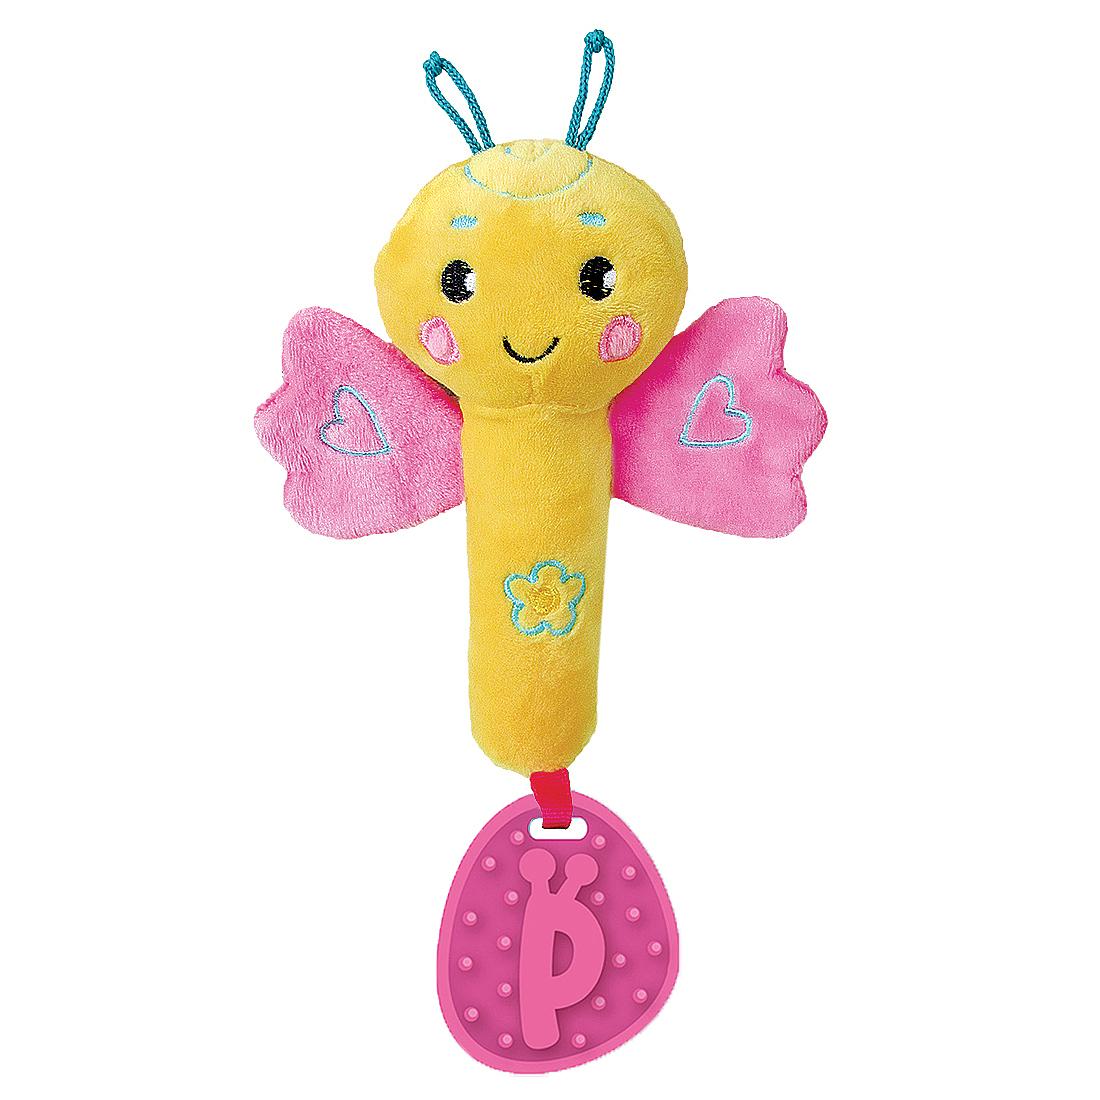 Погремушки и прорезыватели Наша игрушка Бабочка прорезыватели жирафики котик с силиконовым прорезывателем и зеркальцем